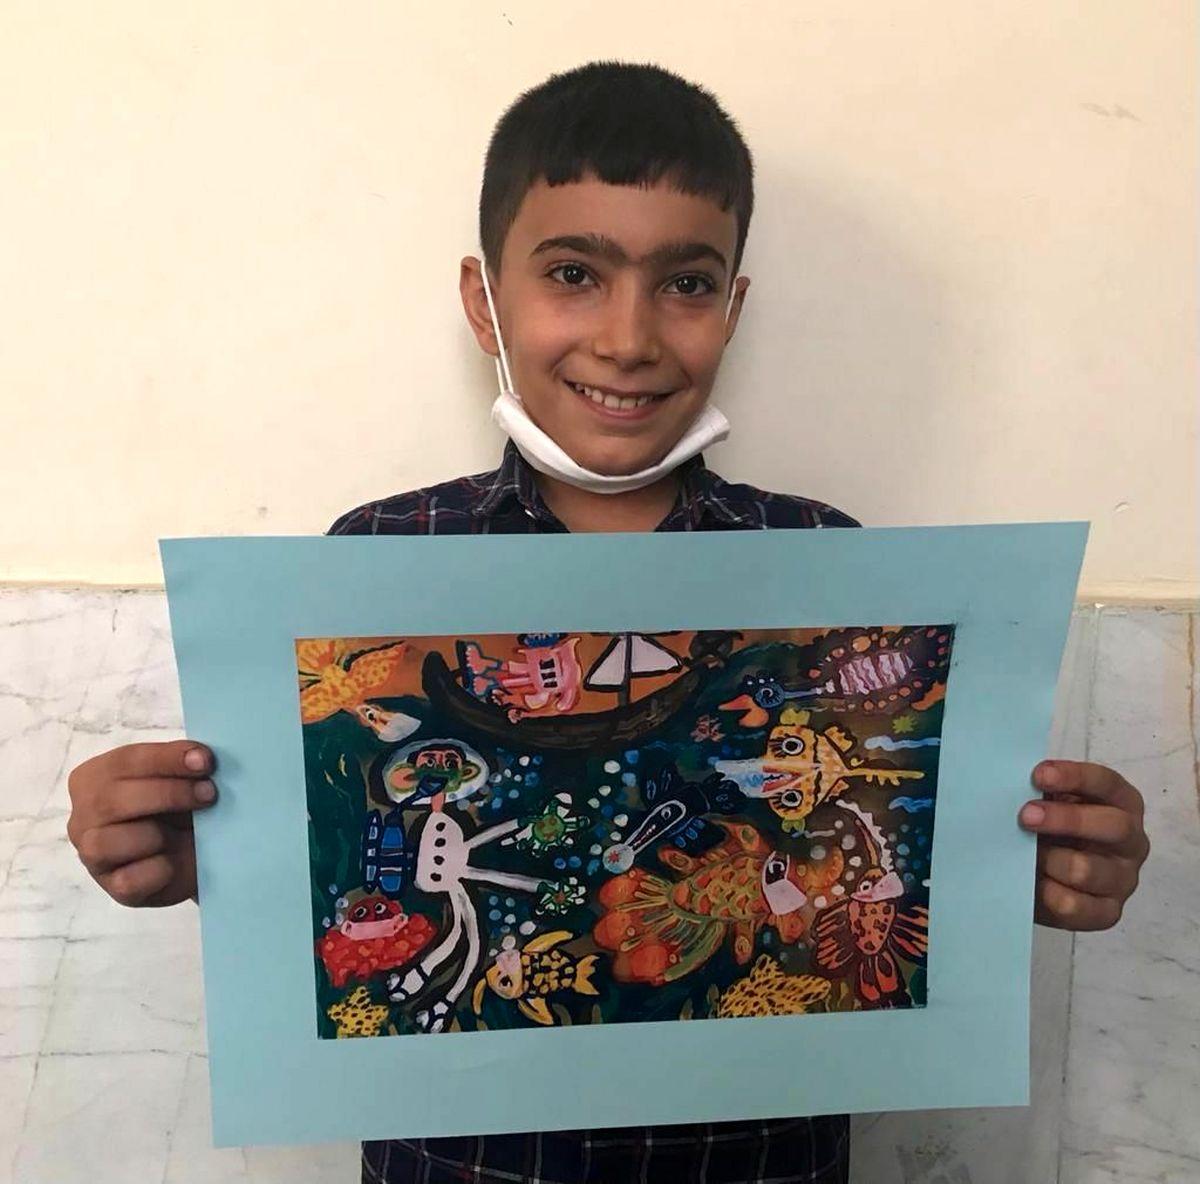 دو عضو کانون استان کرمانشاه، رتبه اول نقاشی یونیسف را کسب کردند